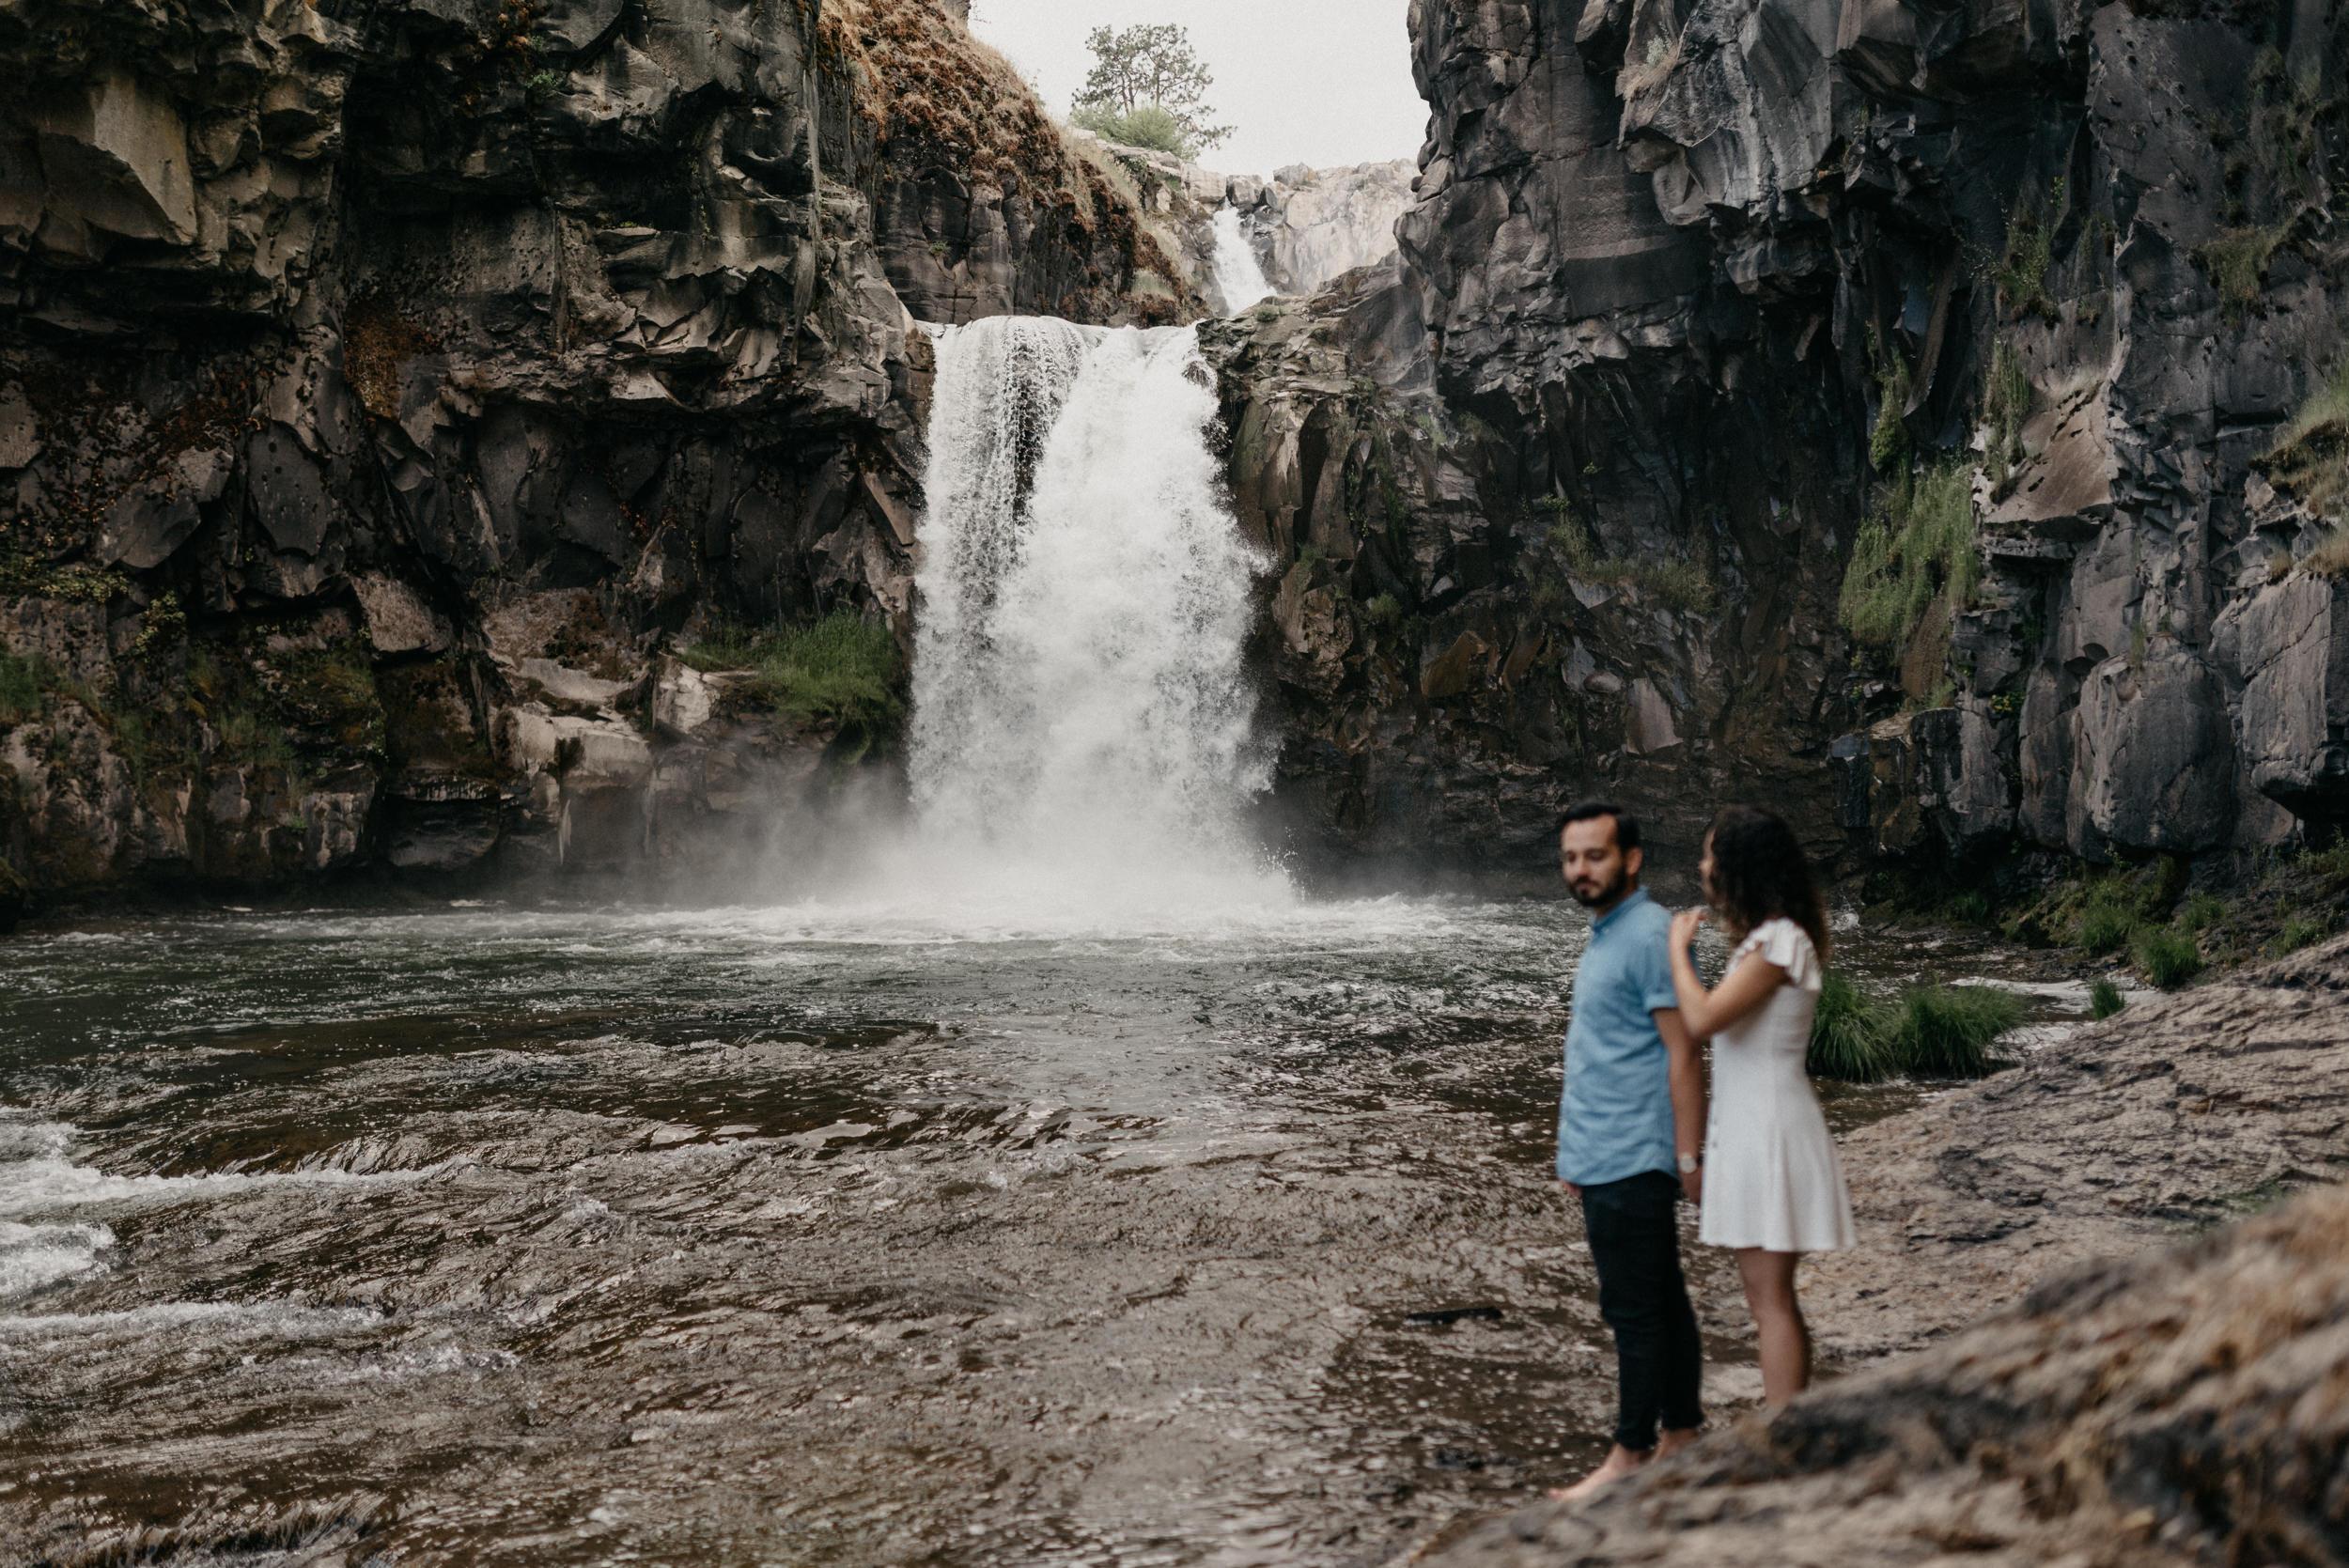 32-White-river-falls-state-park-engagement-5818.jpg